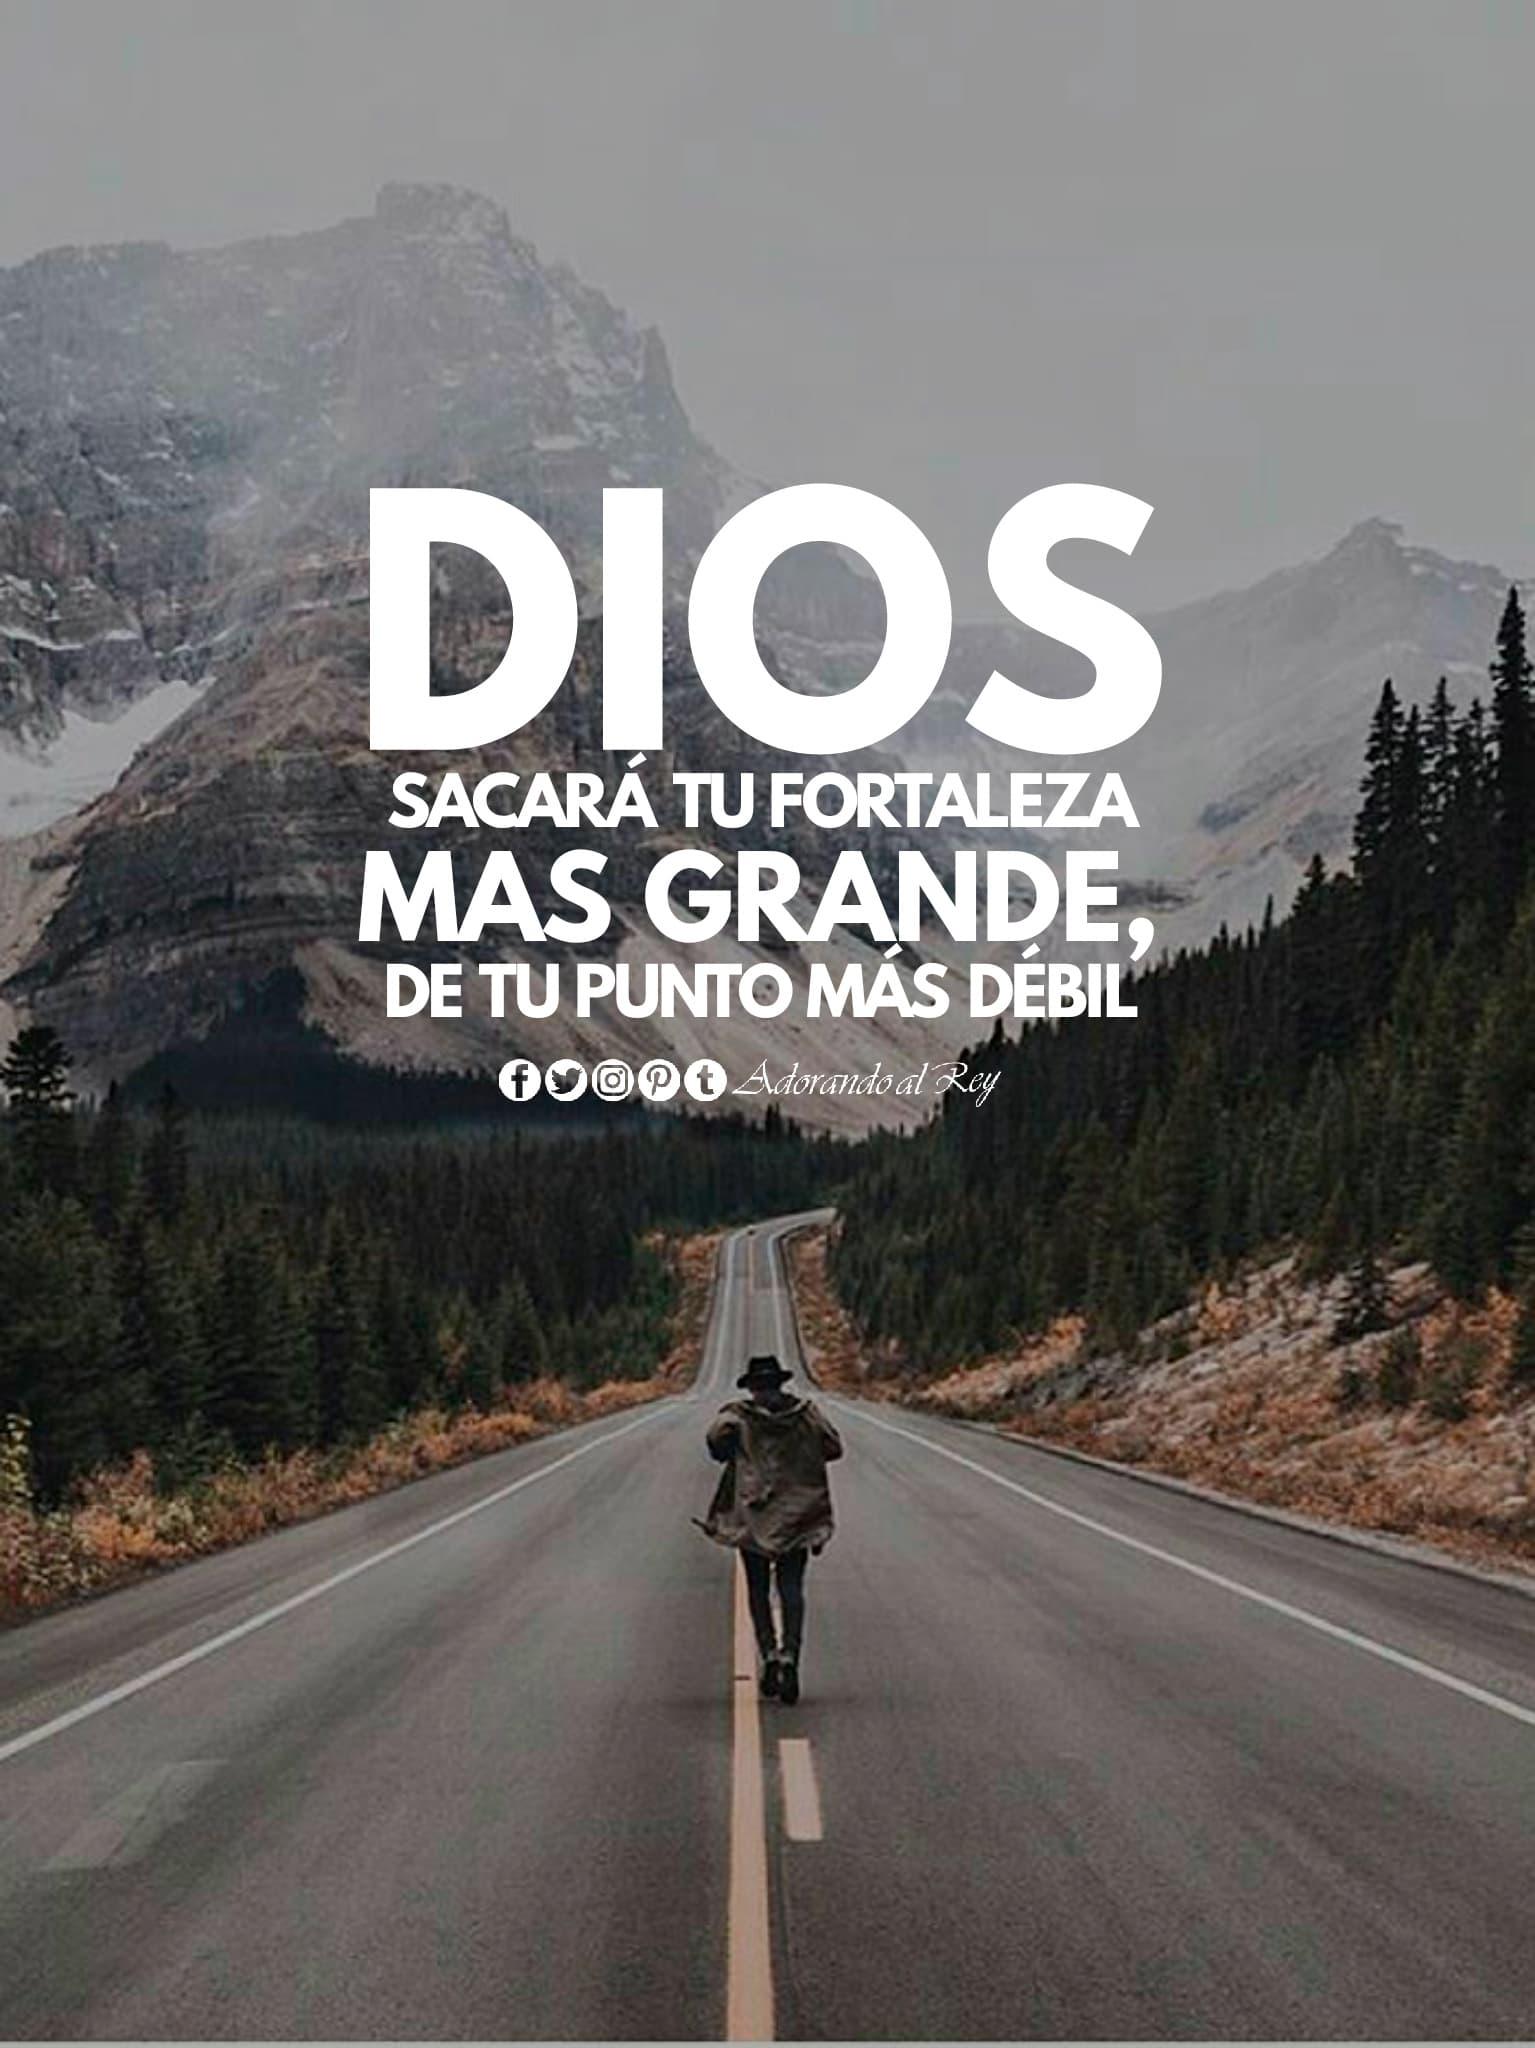 Dios sacará tu fortaleza mas grande